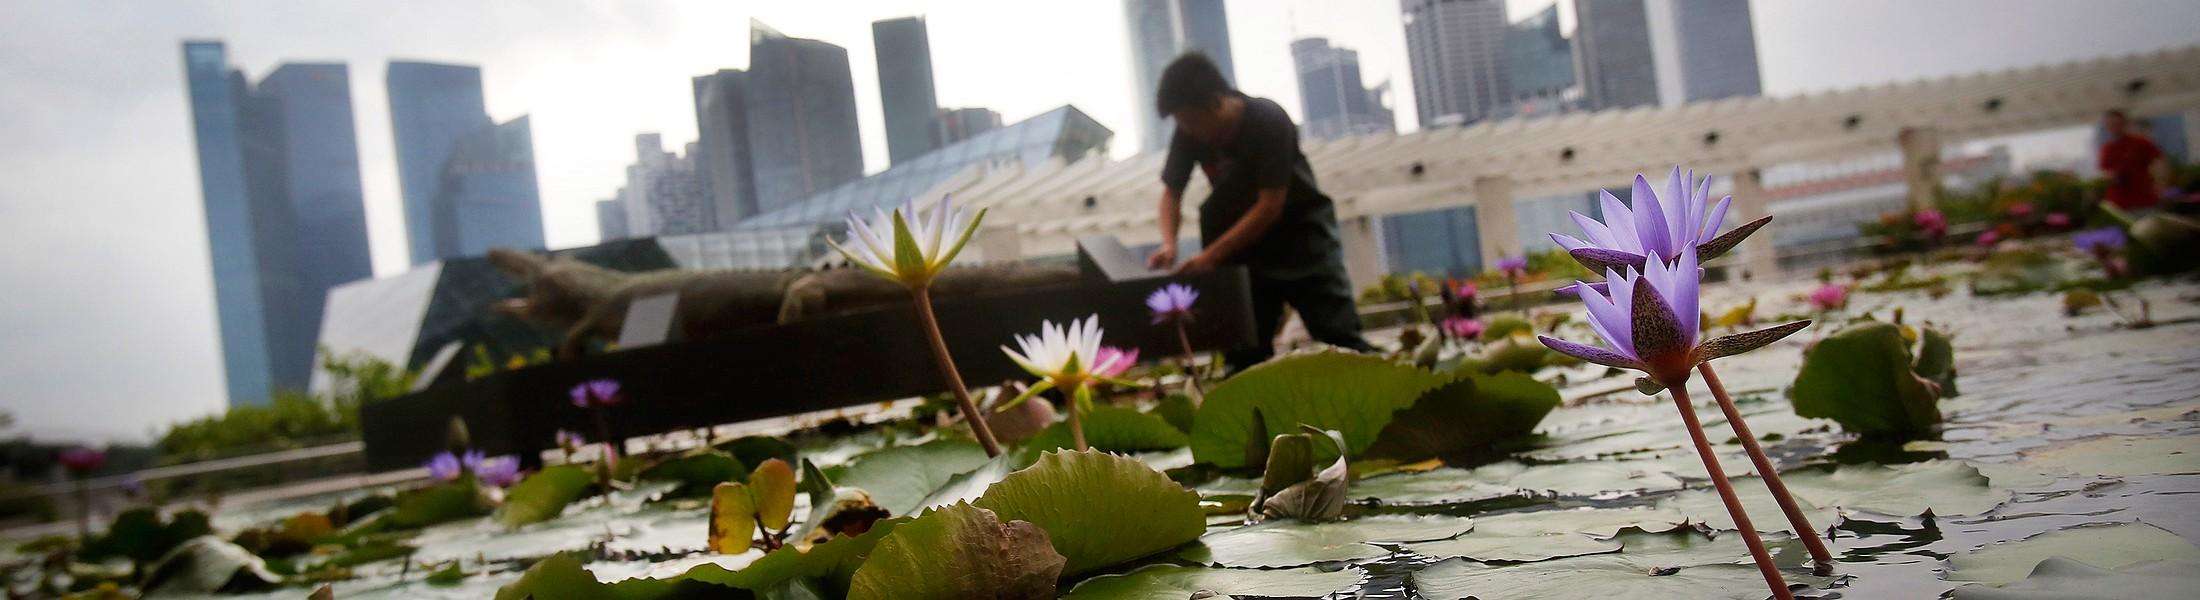 Что скрывается за идеальностью Сингапура